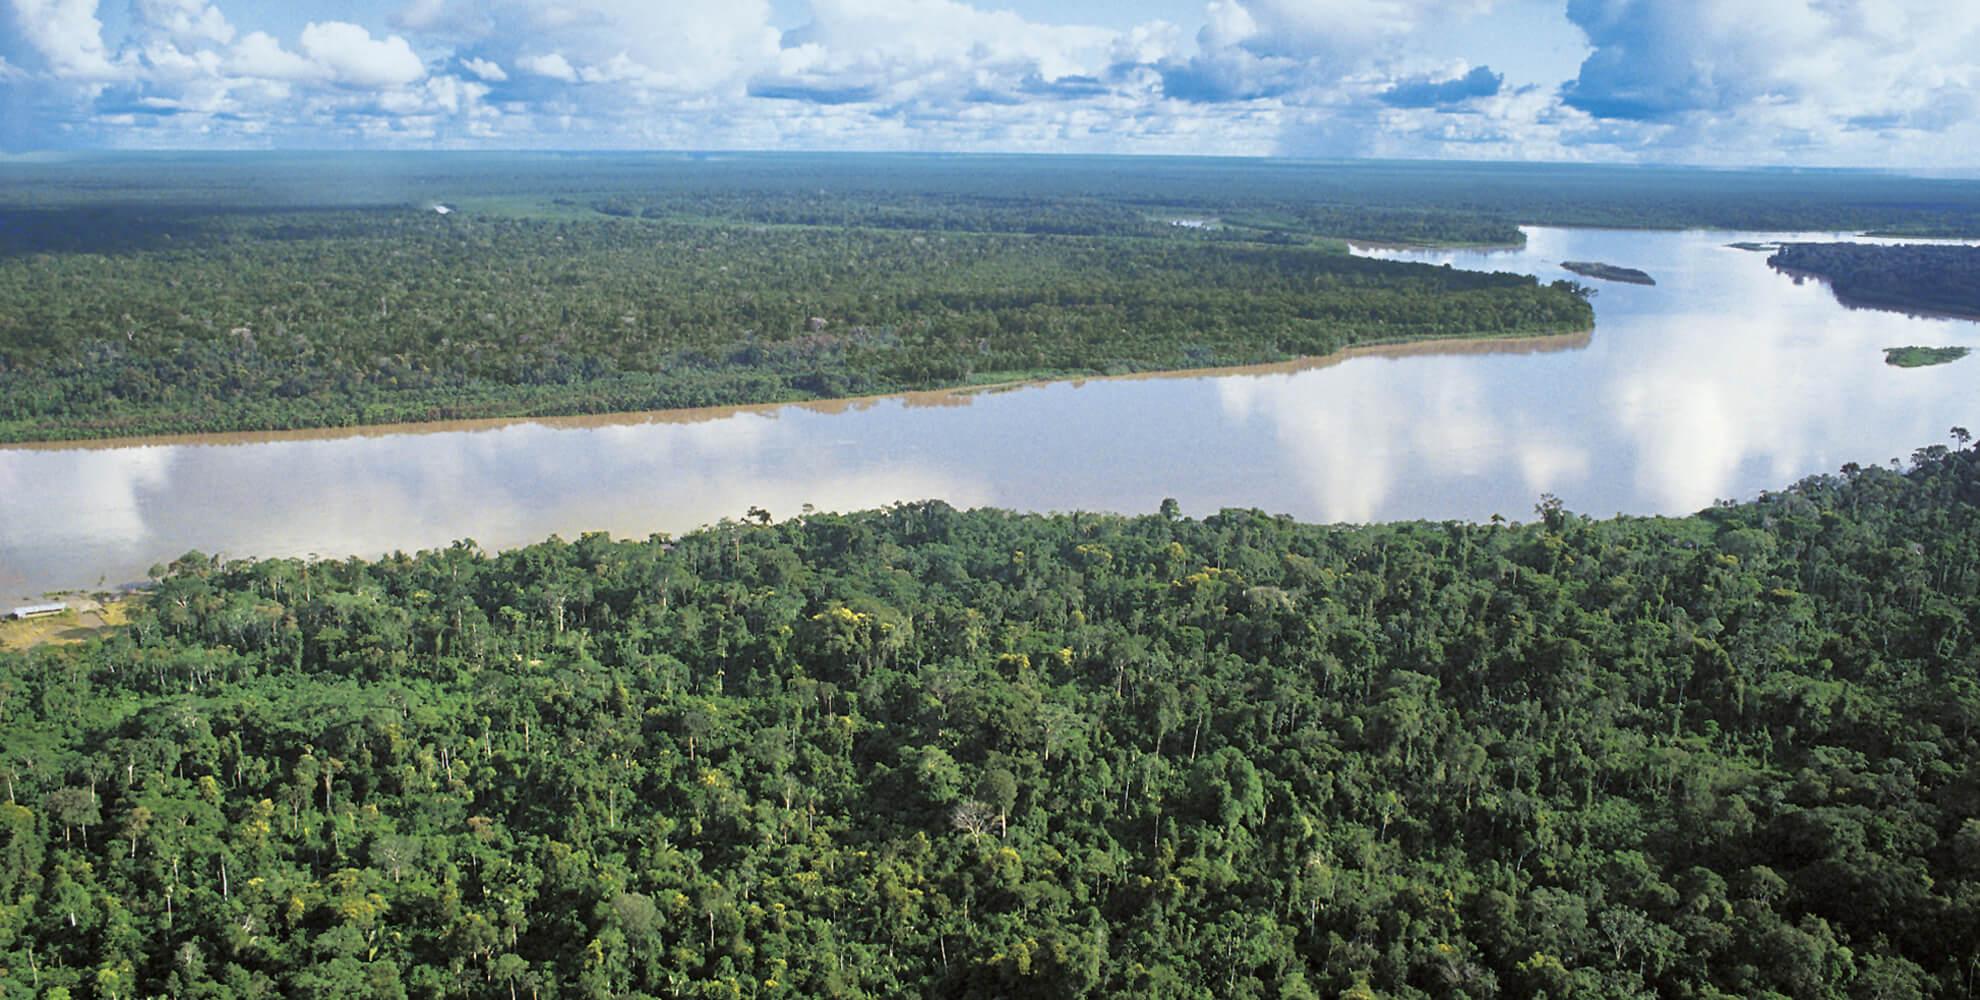 Peruanisches Amazonasgebiet